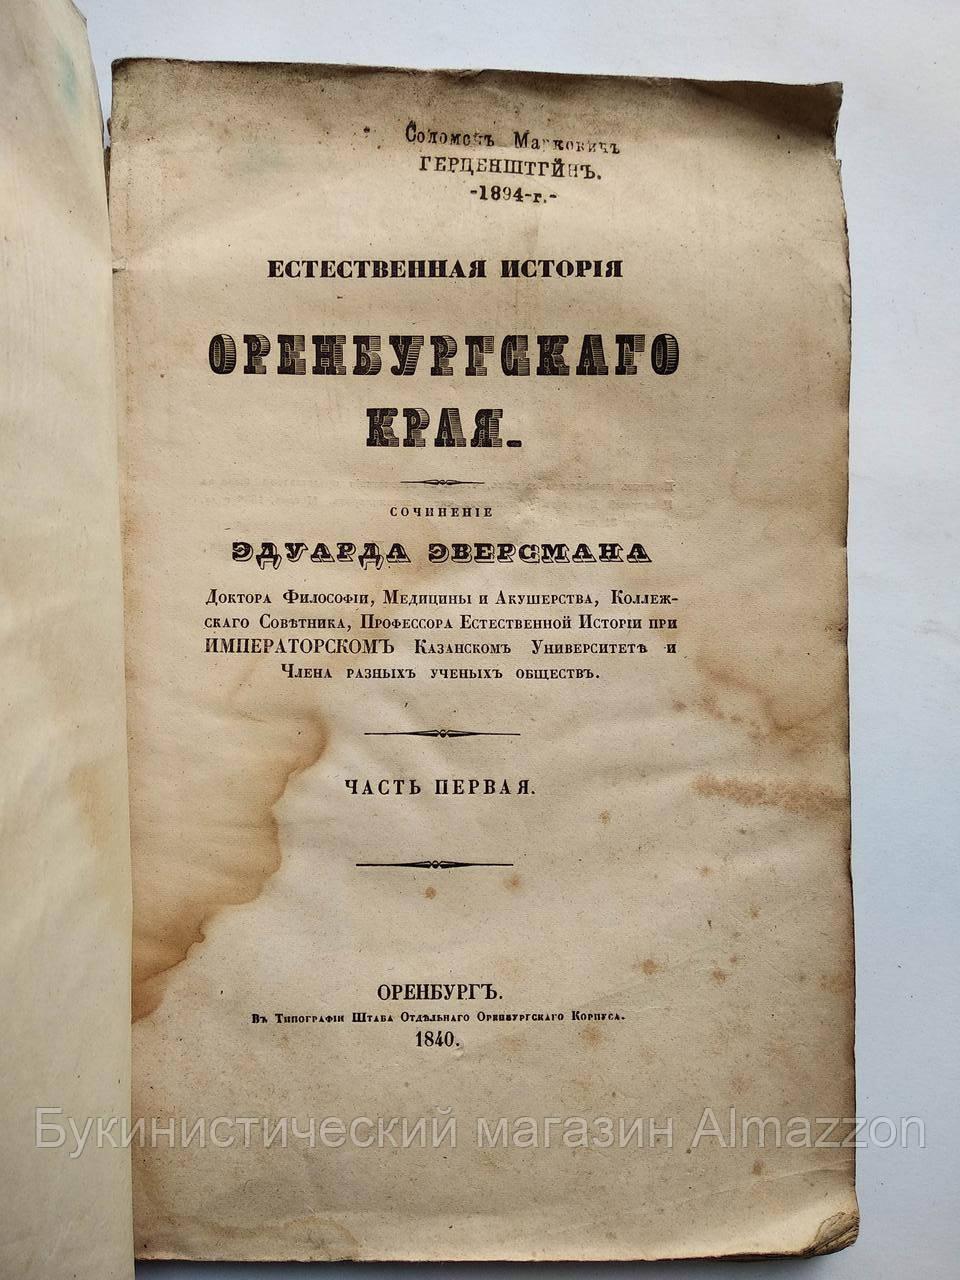 1840 Эверсман Э. Естественная история Оренбургского края